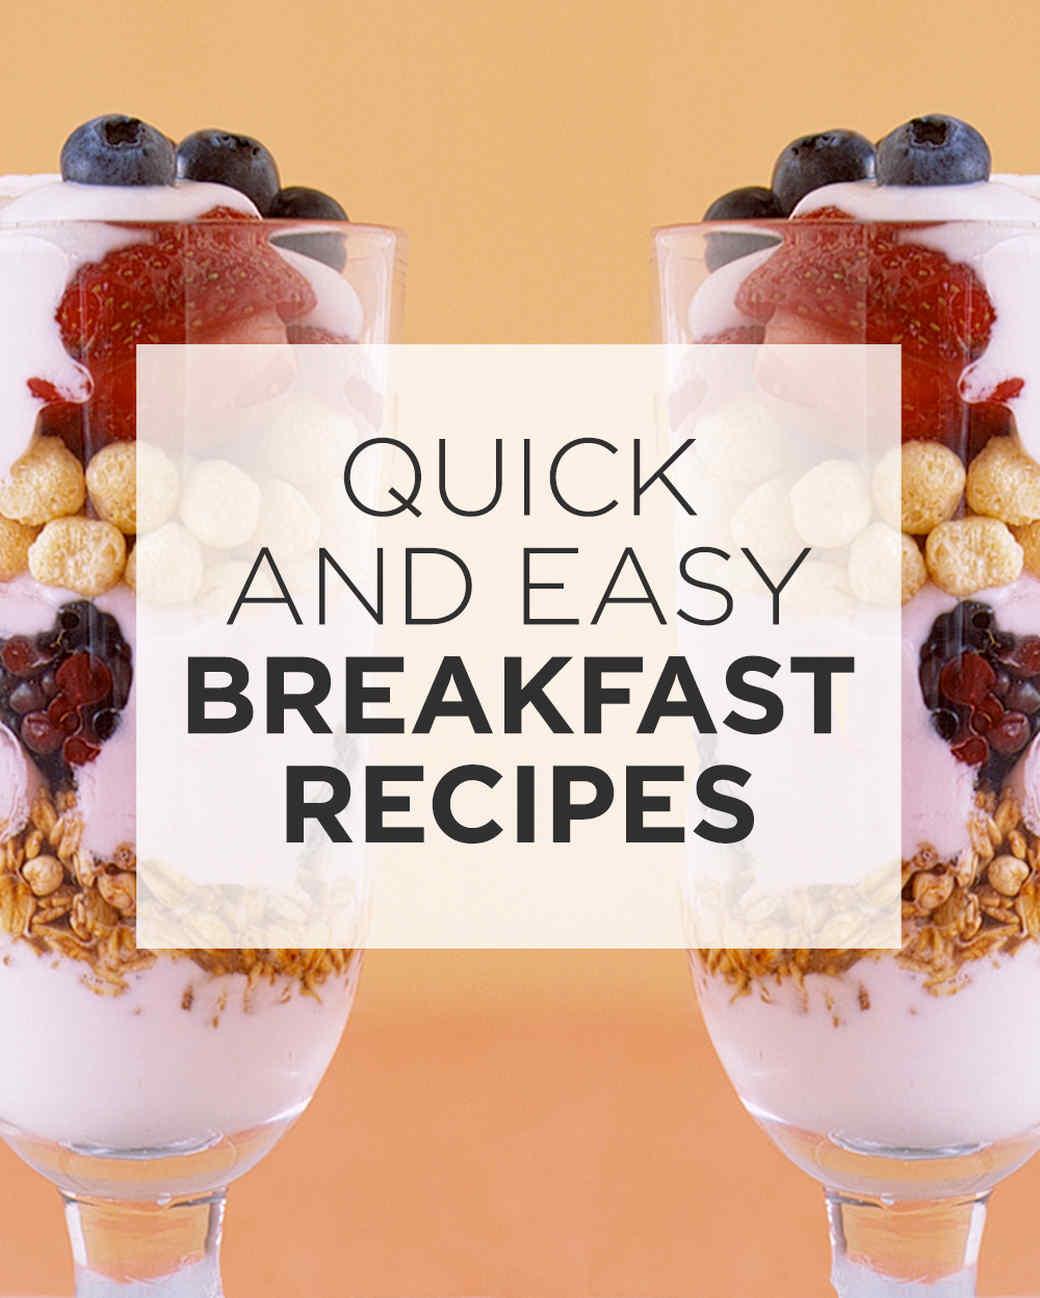 quick-easy-breakfast-recipes-0715.jpg